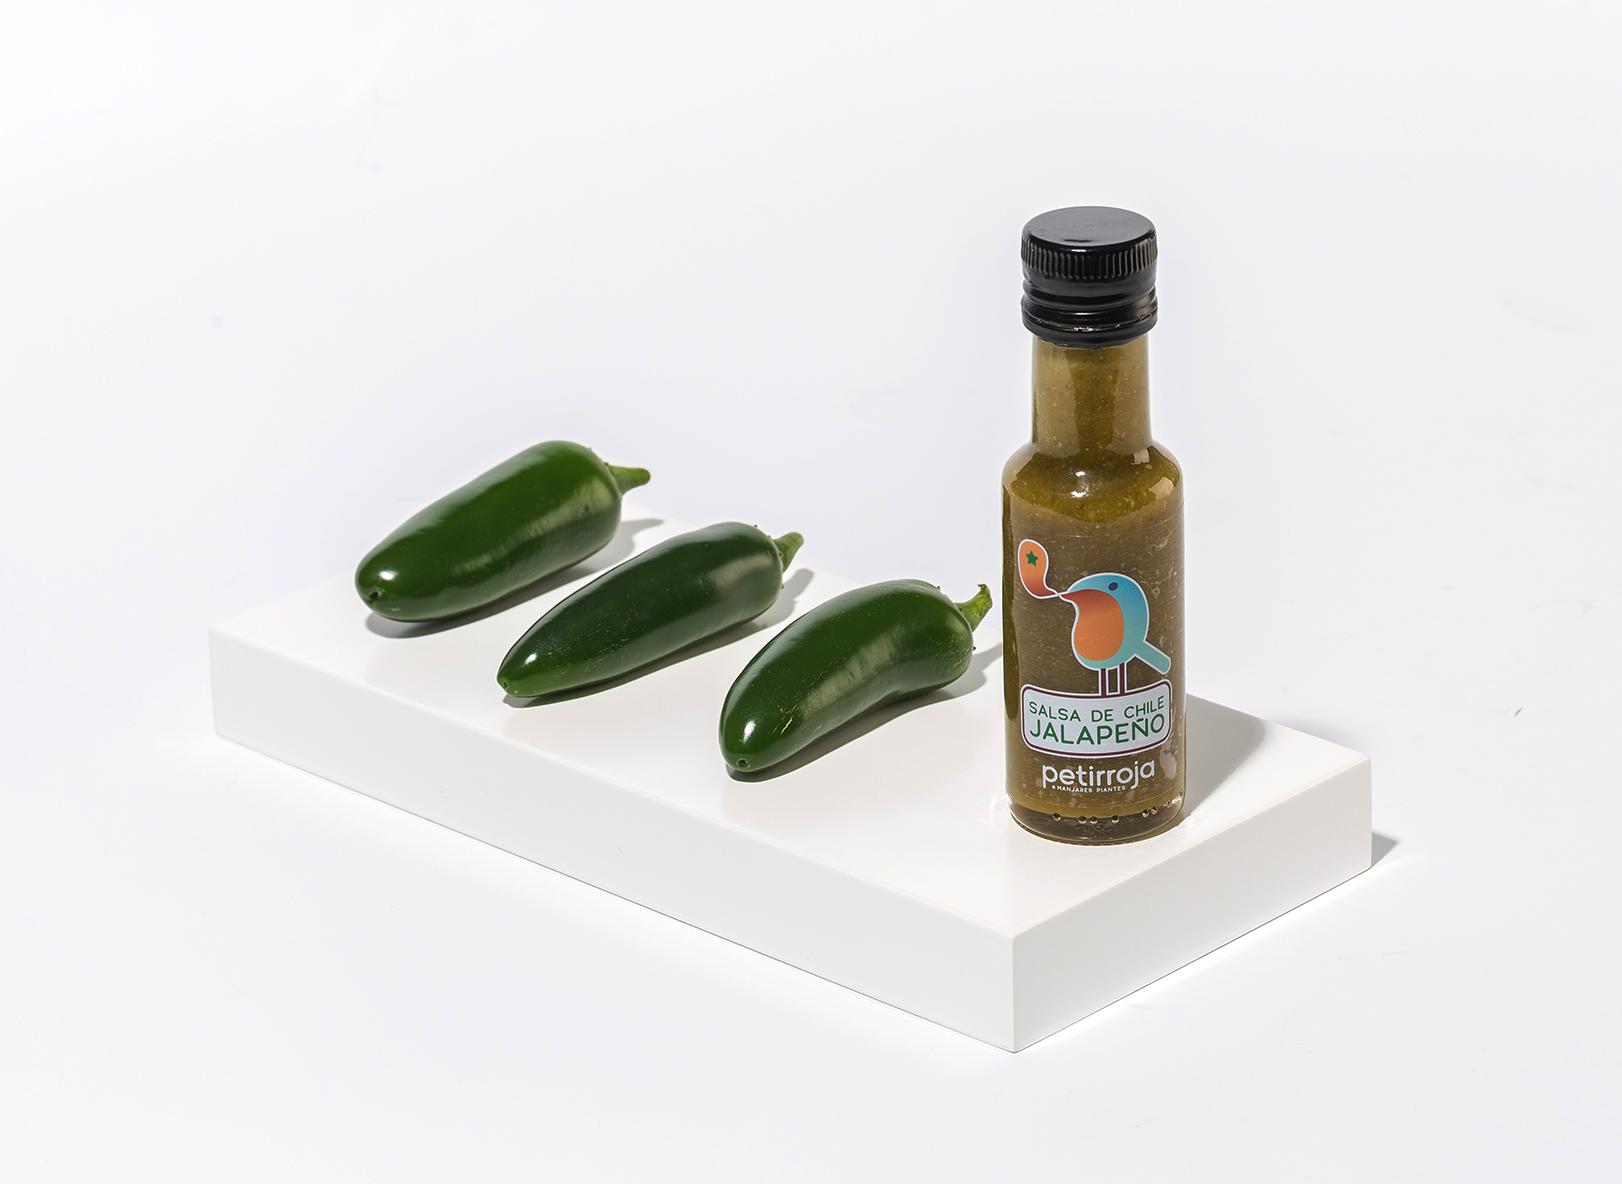 Petirroja-Salsa de chile jalapeño